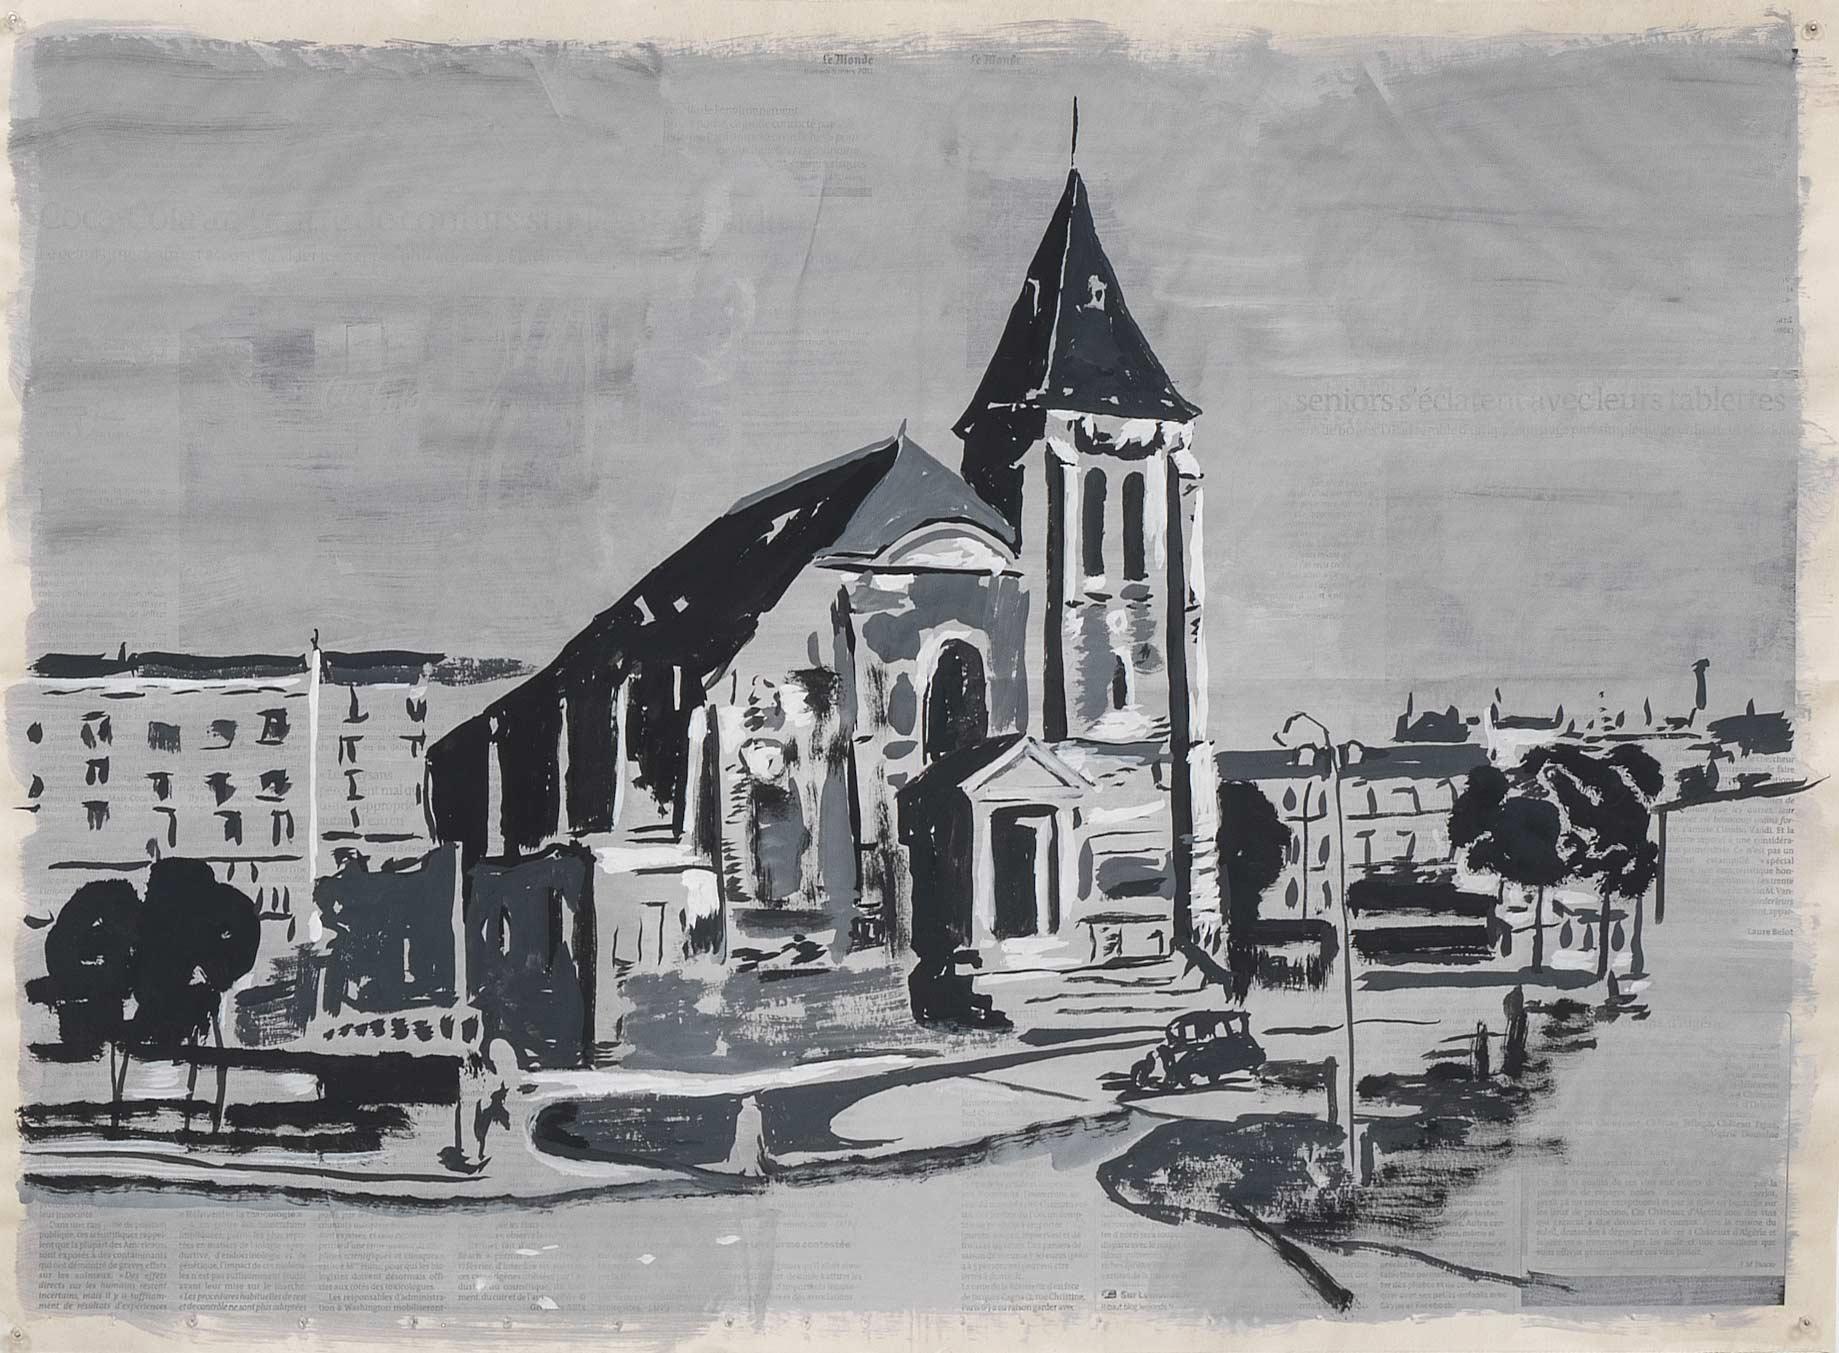 Rue-du-Congo-20,-gouache-sur-page-de-journal,-46-x-62-cm